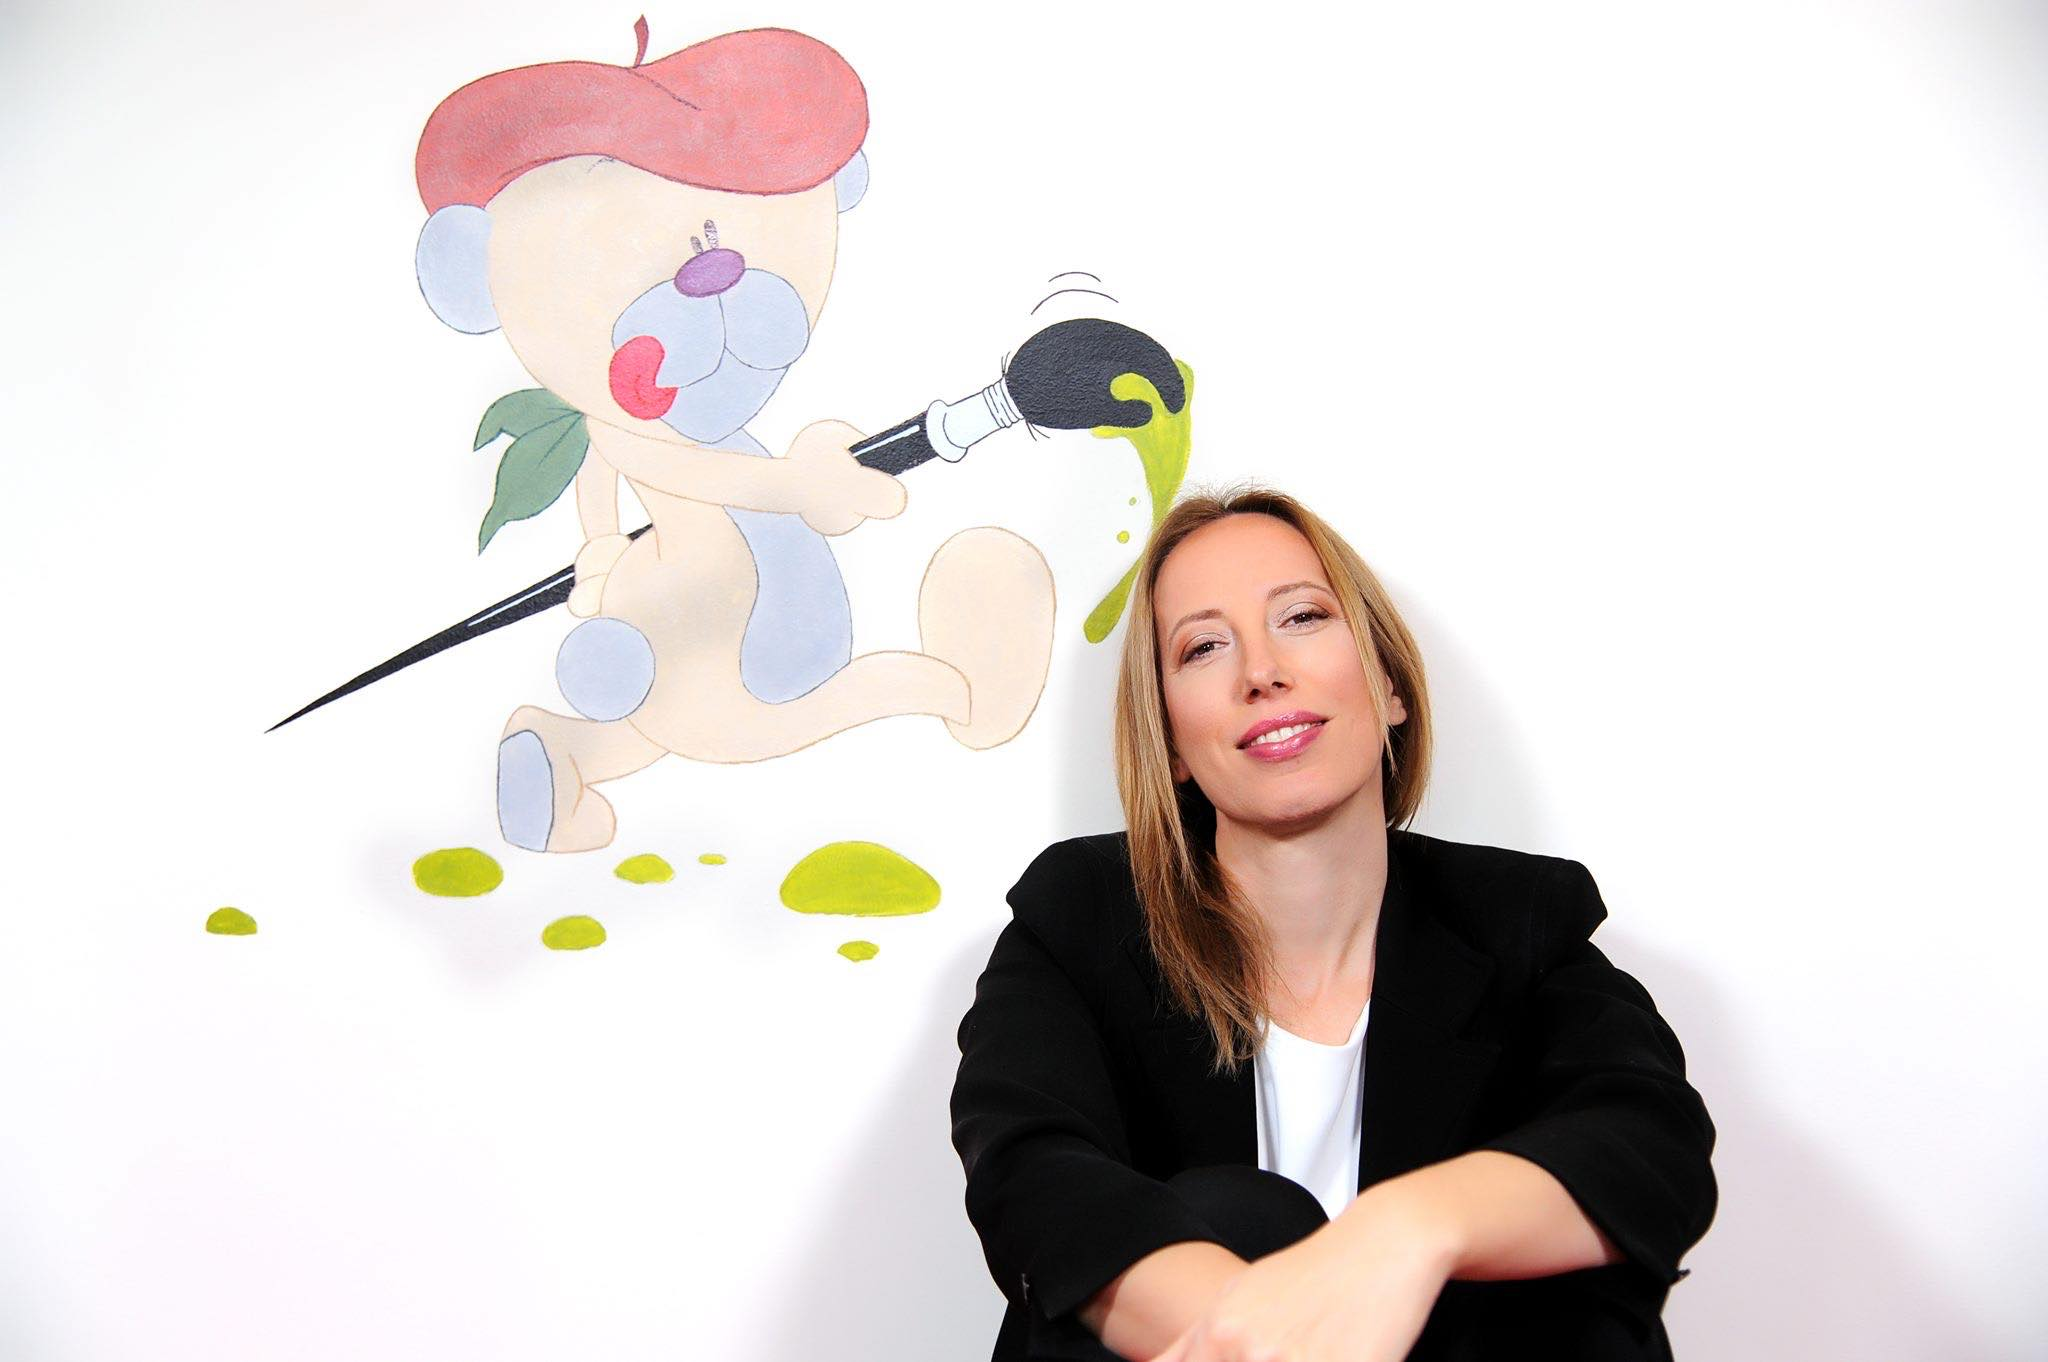 Η συγγραφέας Μαρίνα Γιώτη στην Κύπρο -Thisisus.gr